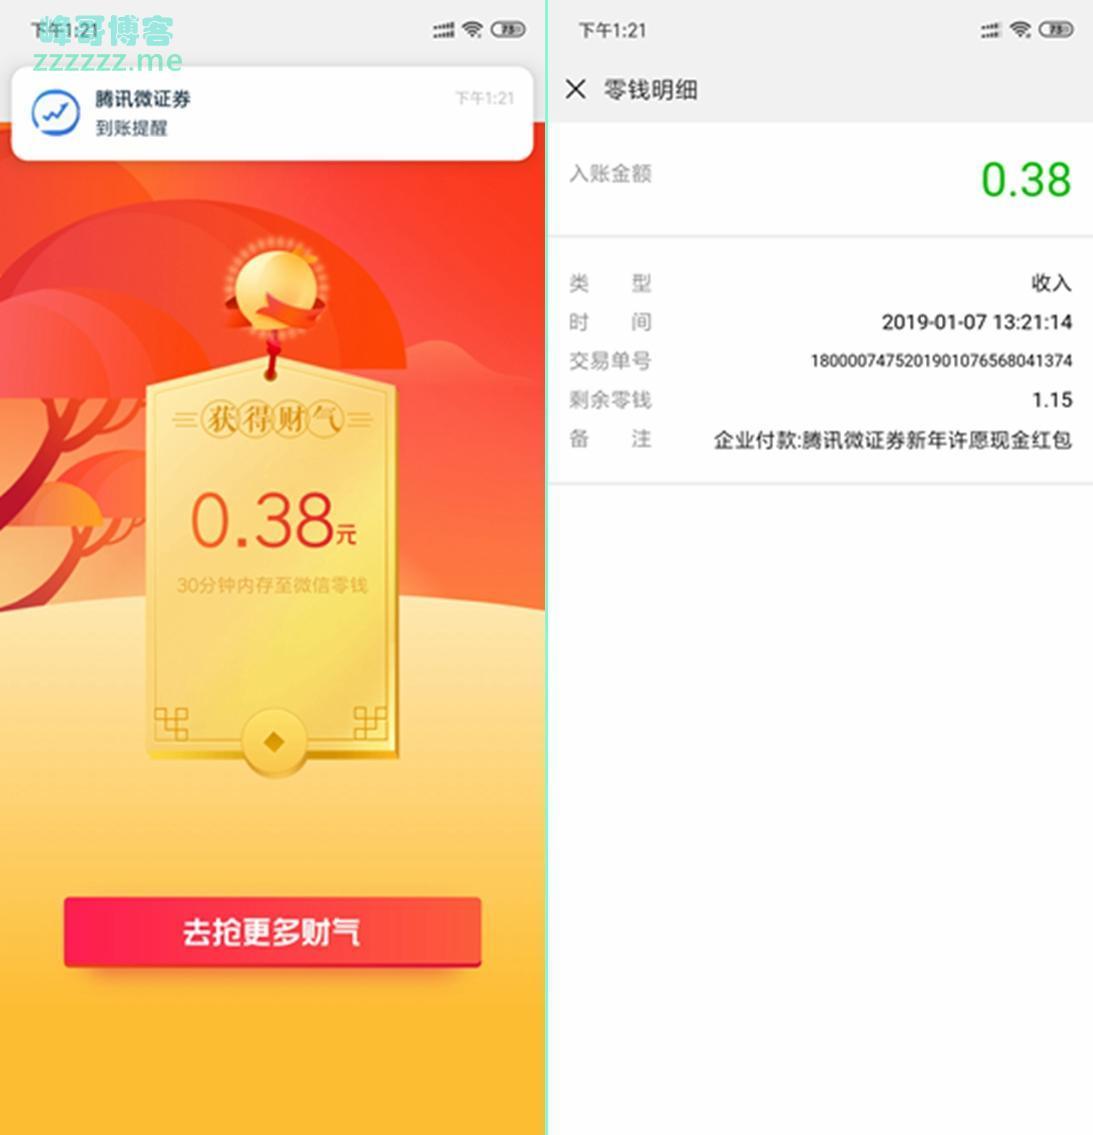 微信腾讯微证券新年许愿抢财气活动 最新一期抽随机红包!